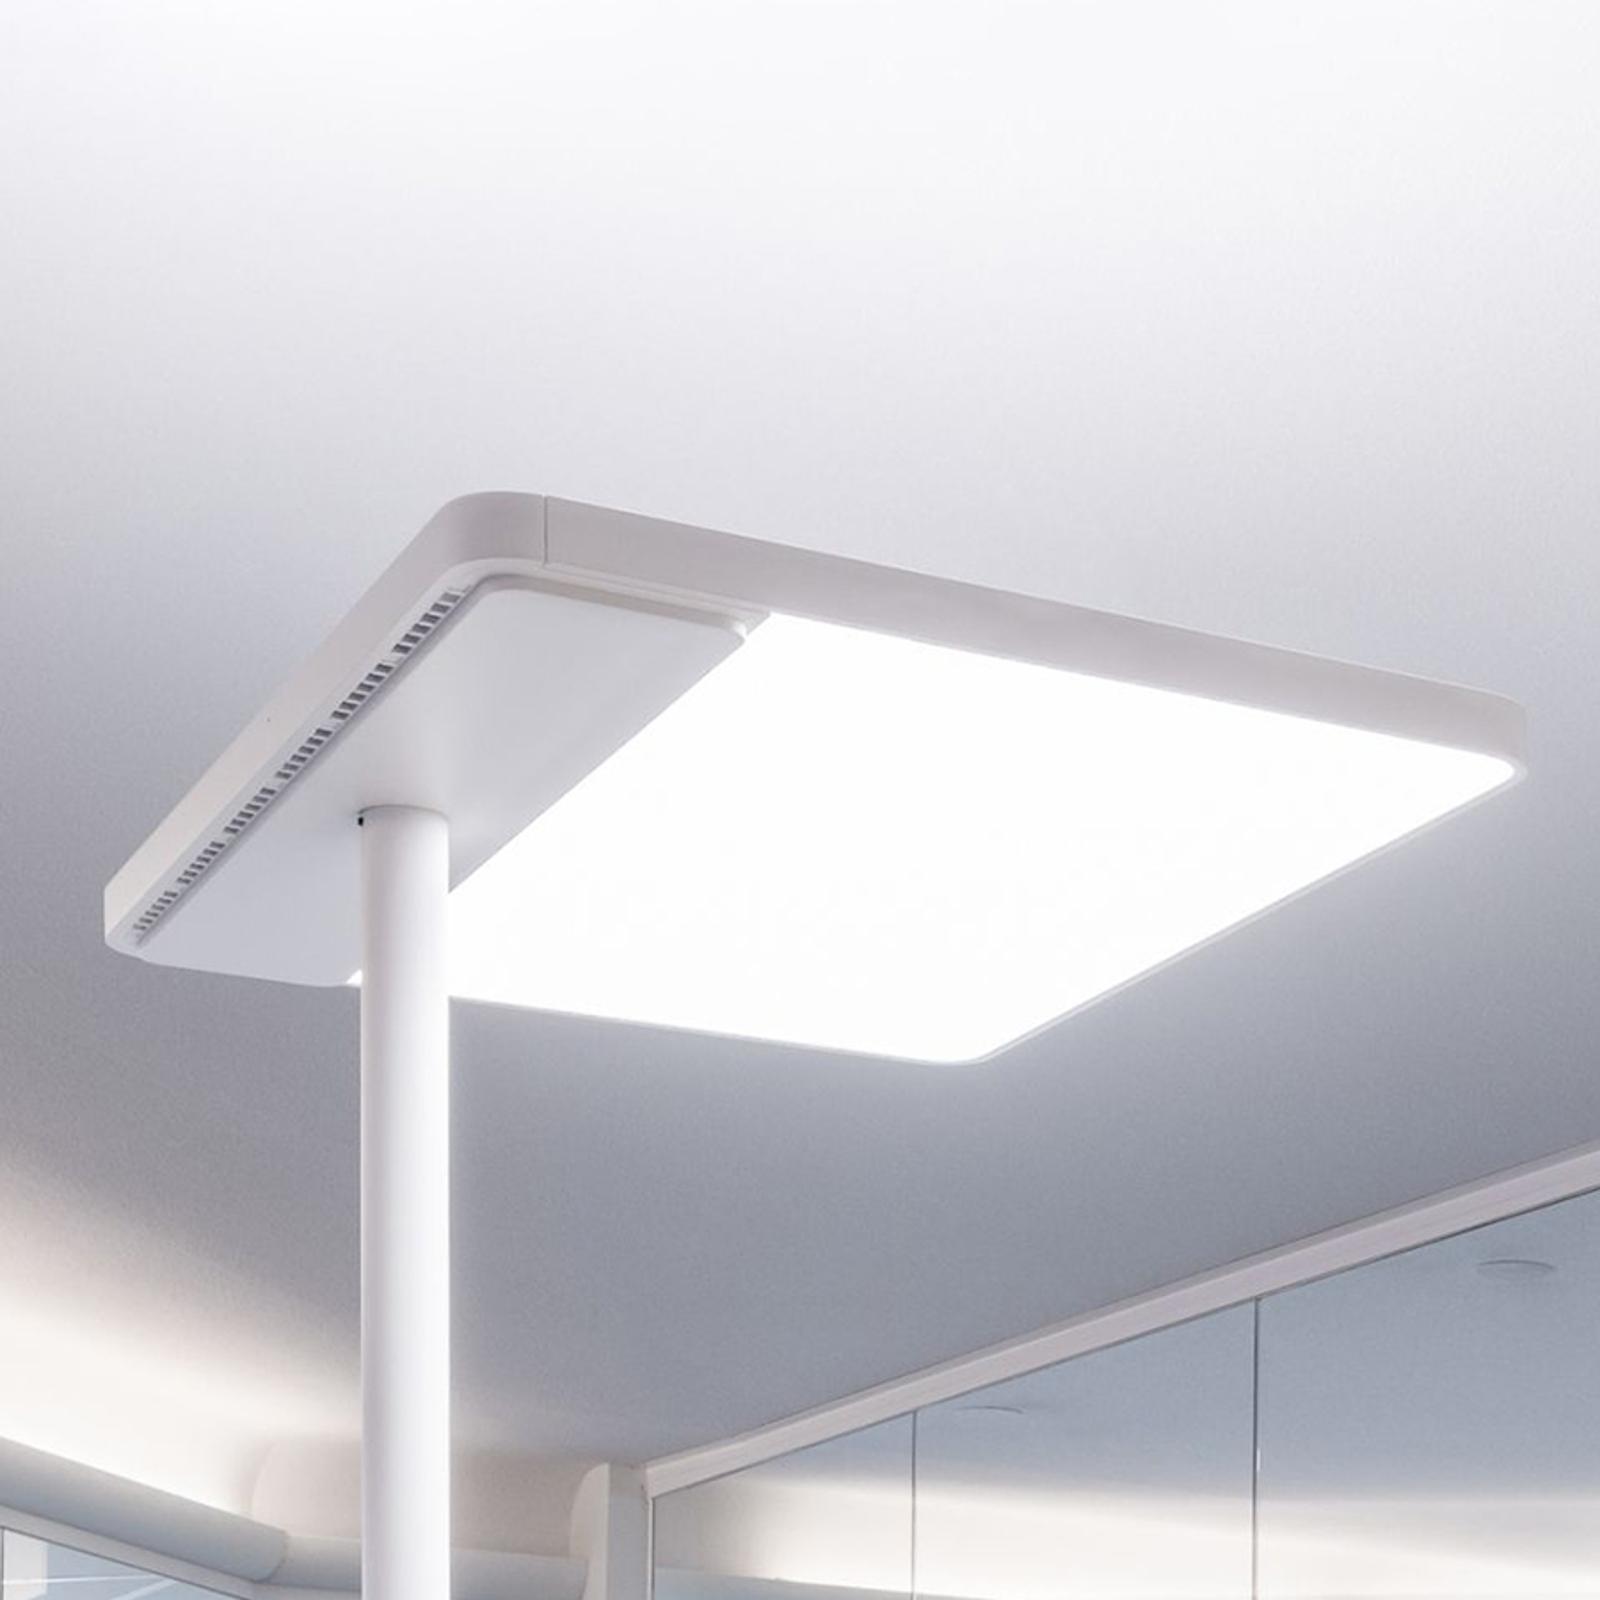 Lampa stojąca biurowa LED Linea-F, ściemniacz